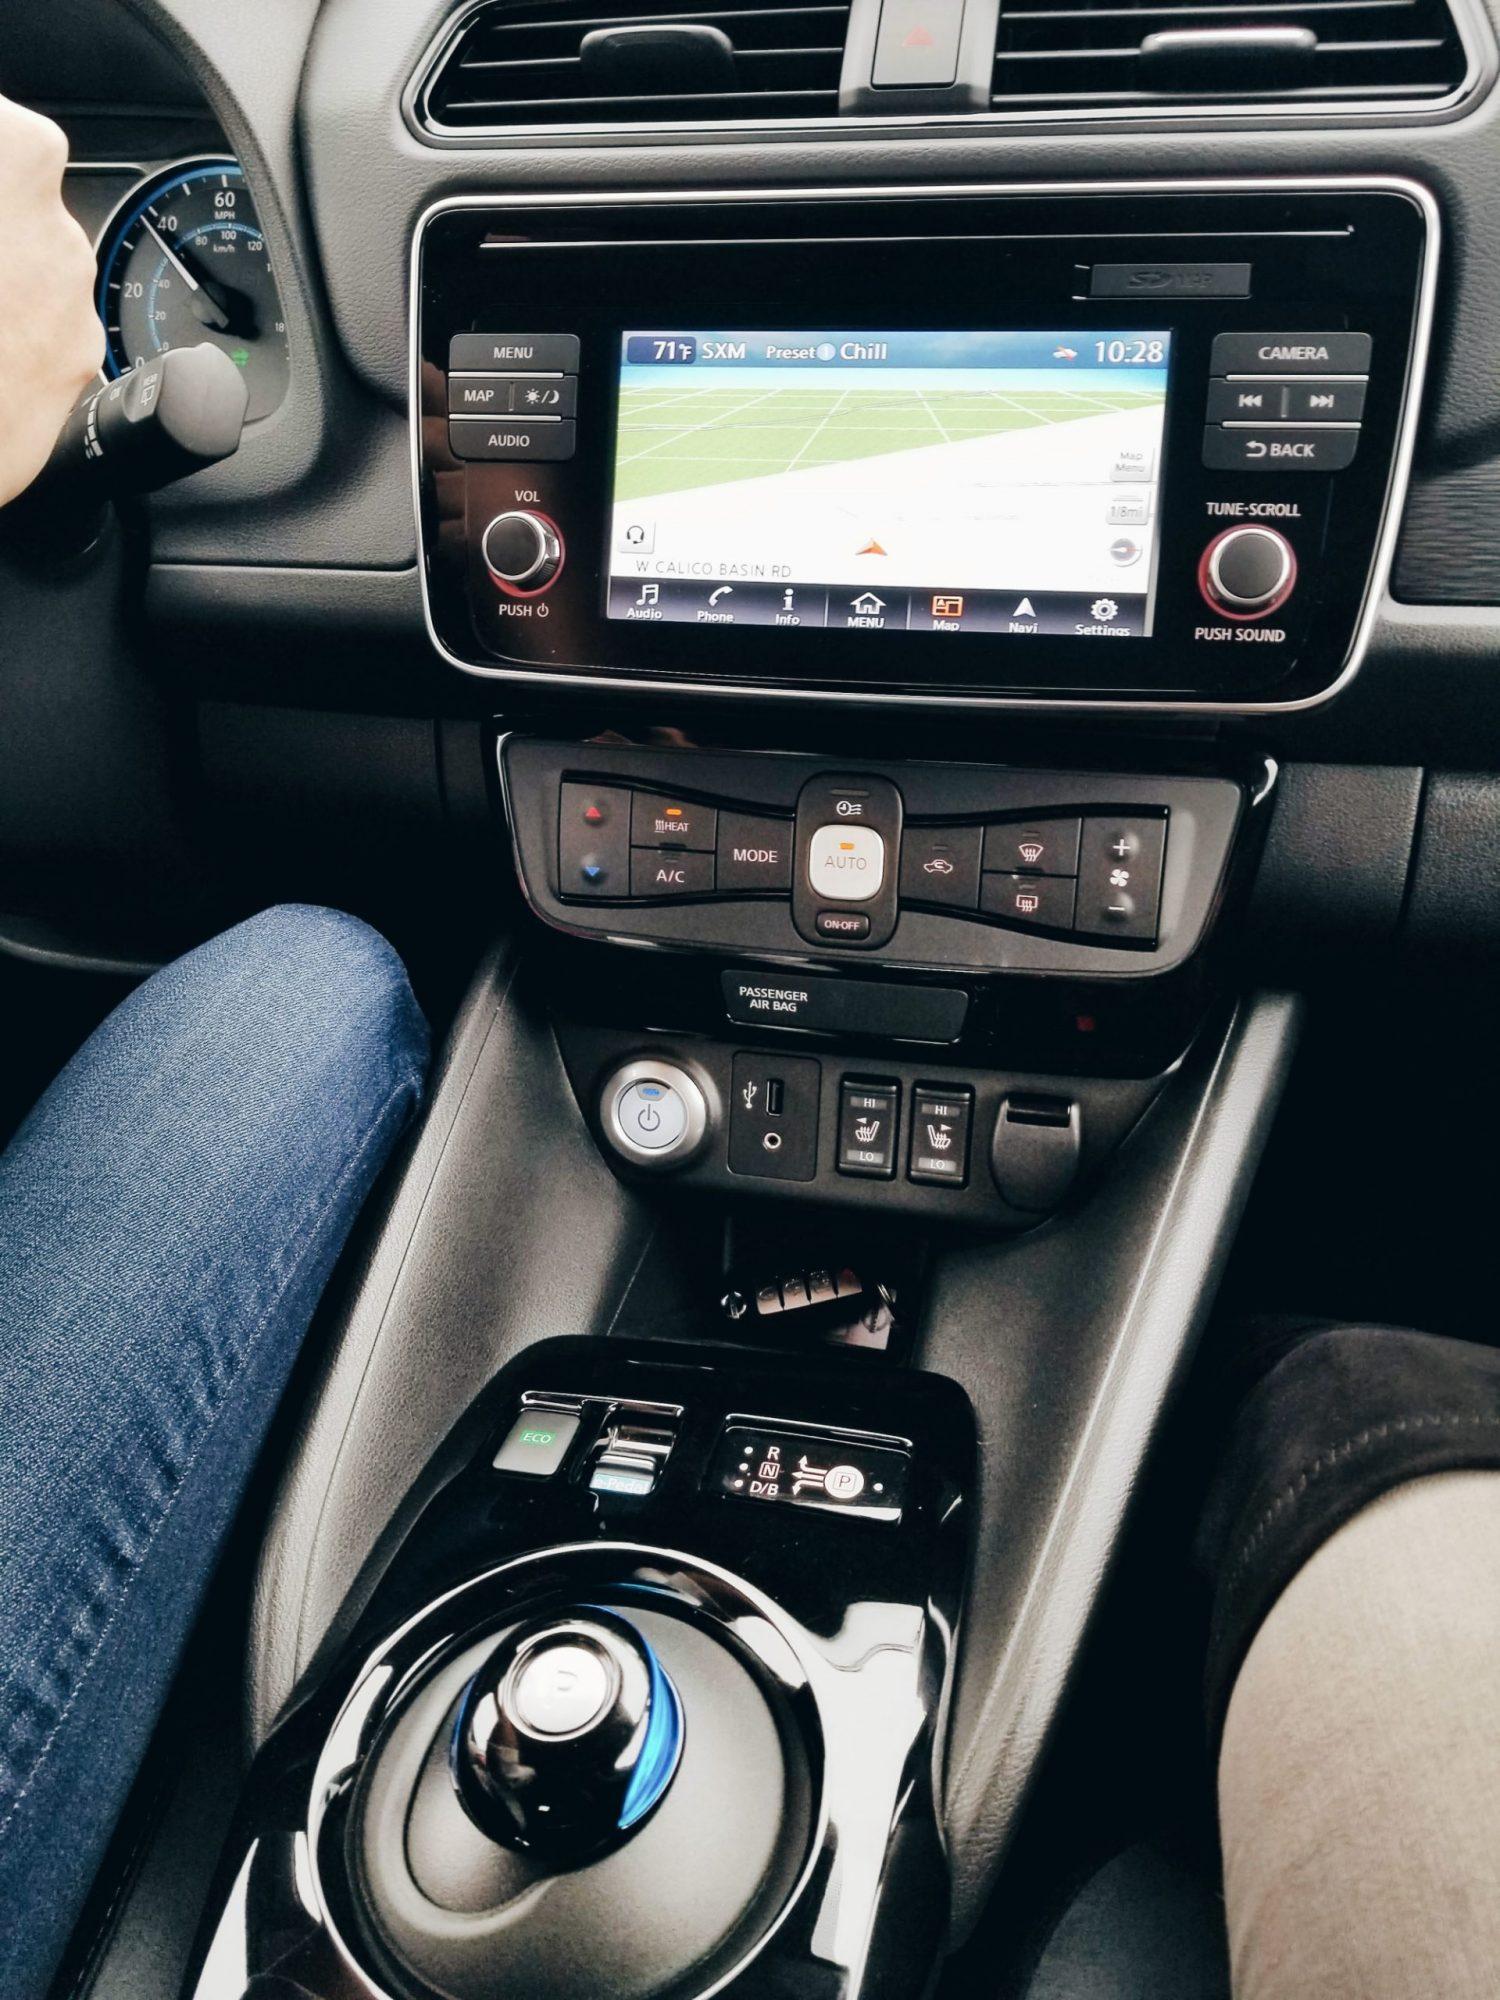 Tech Blogger CES 2018 Nissan Leaf